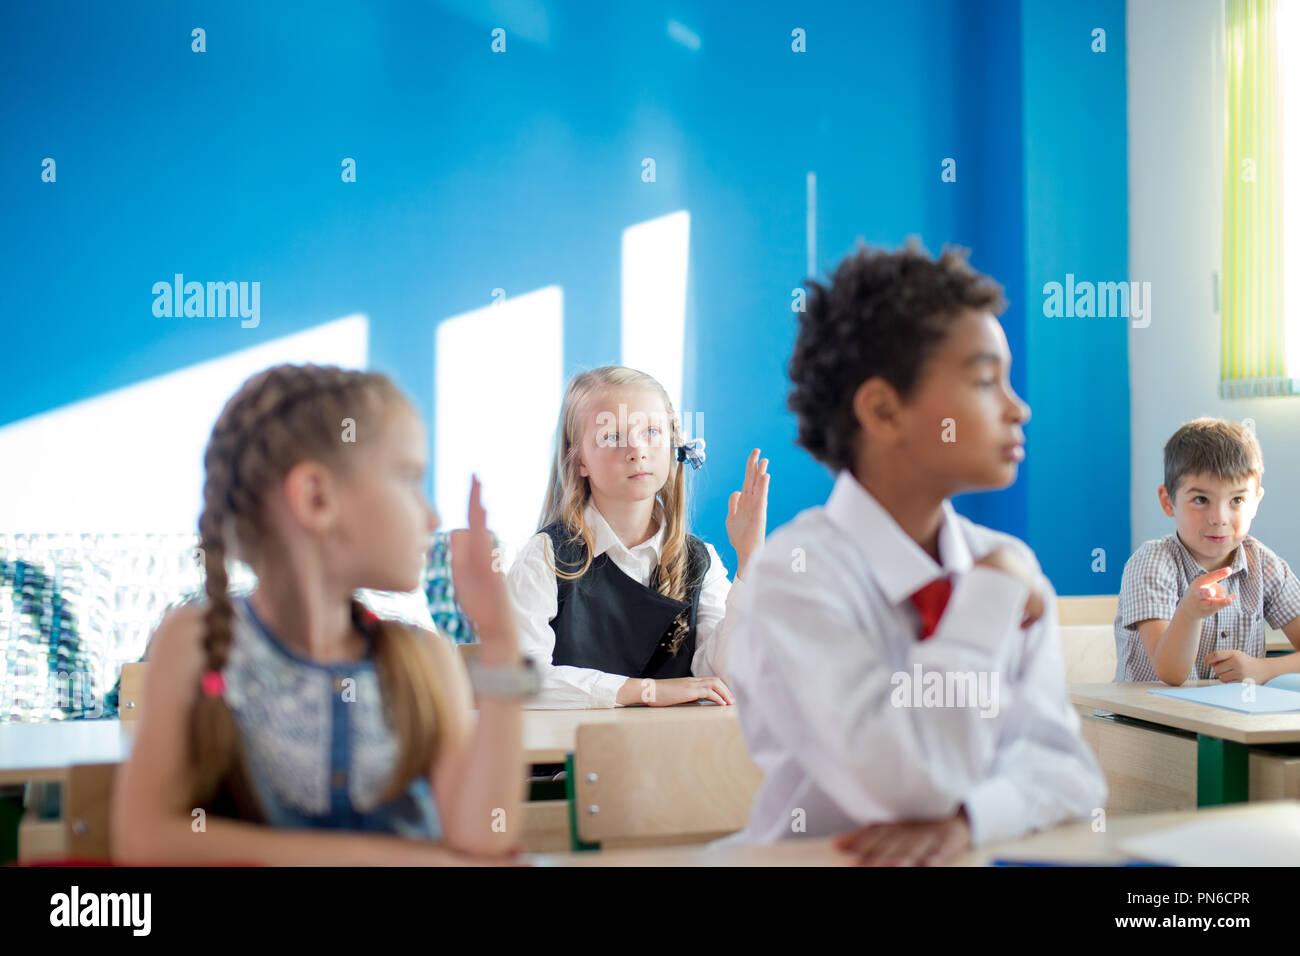 Grupo de niños de escuela todos levantando sus manos en el aire para contestar Imagen De Stock